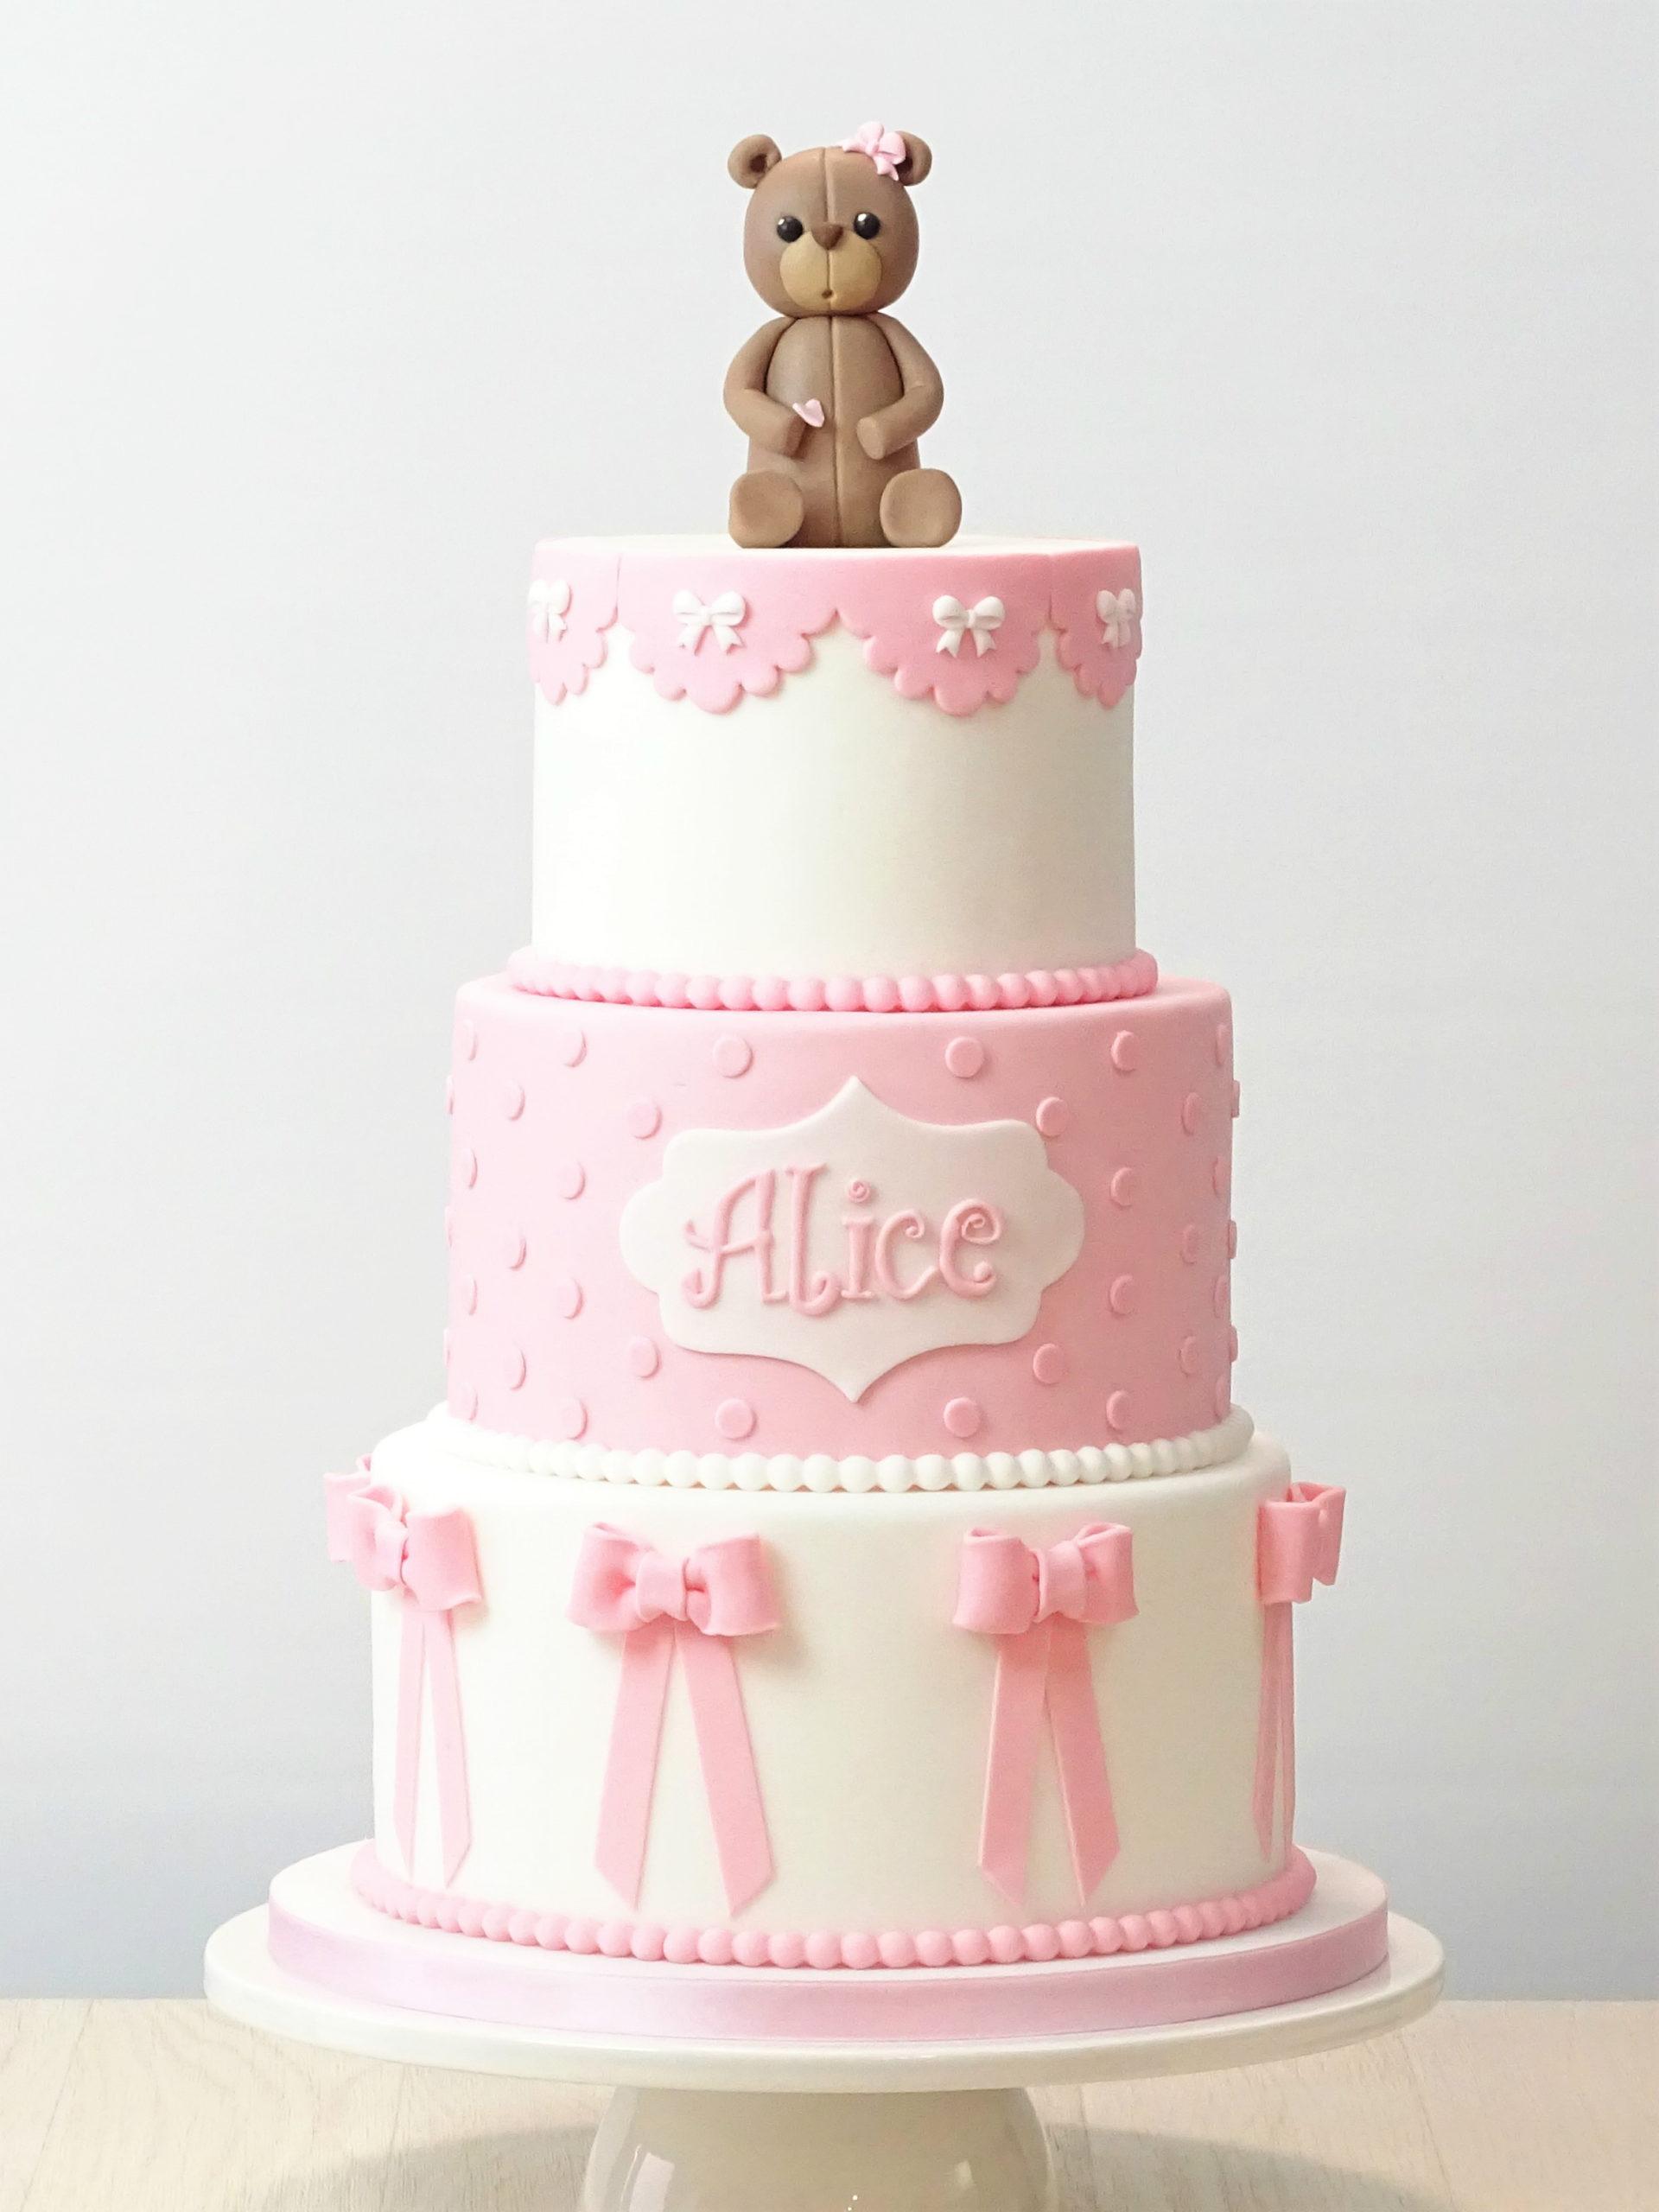 torta bianca e rosa per compleanno bimba con fiocchi pois e orsacchiotto